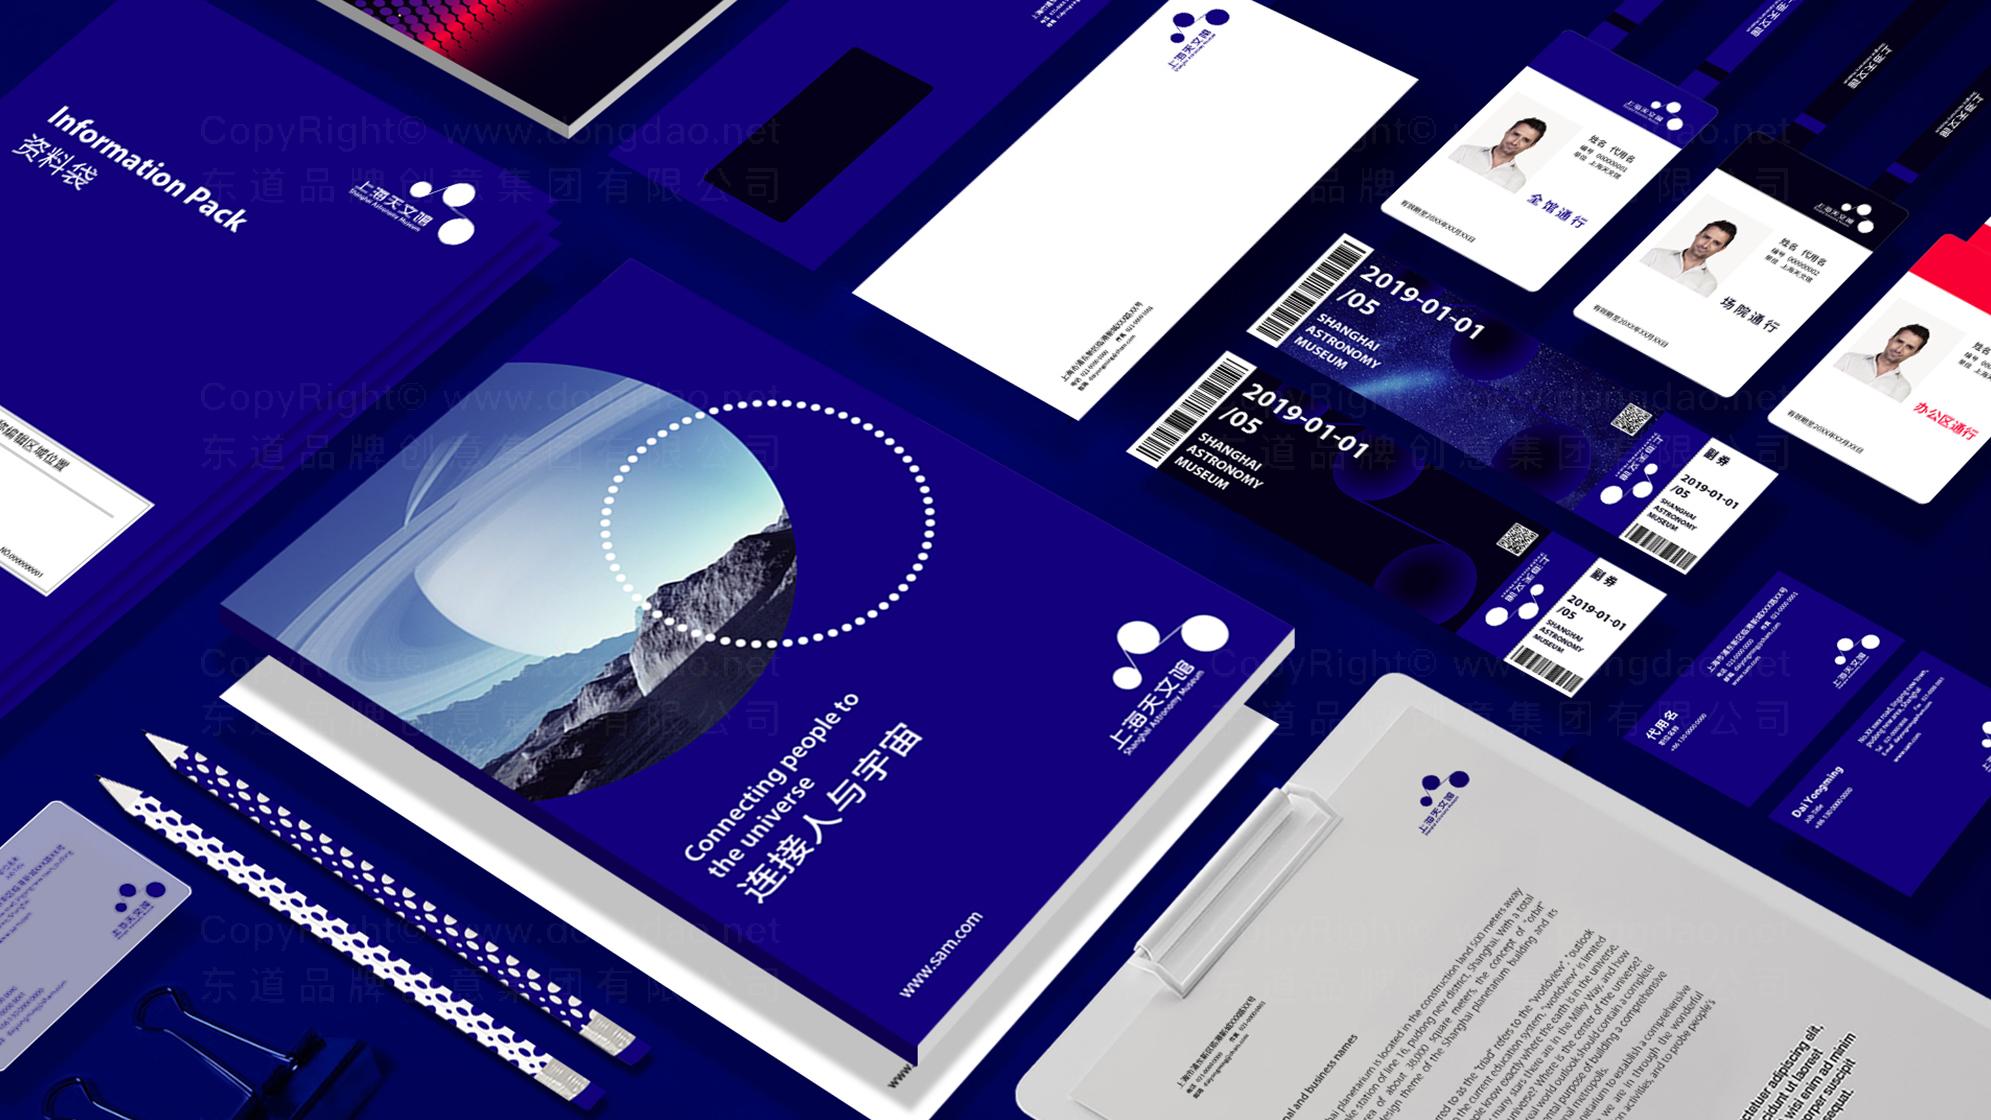 品牌设计上海天文馆LOGO&VI设计应用场景